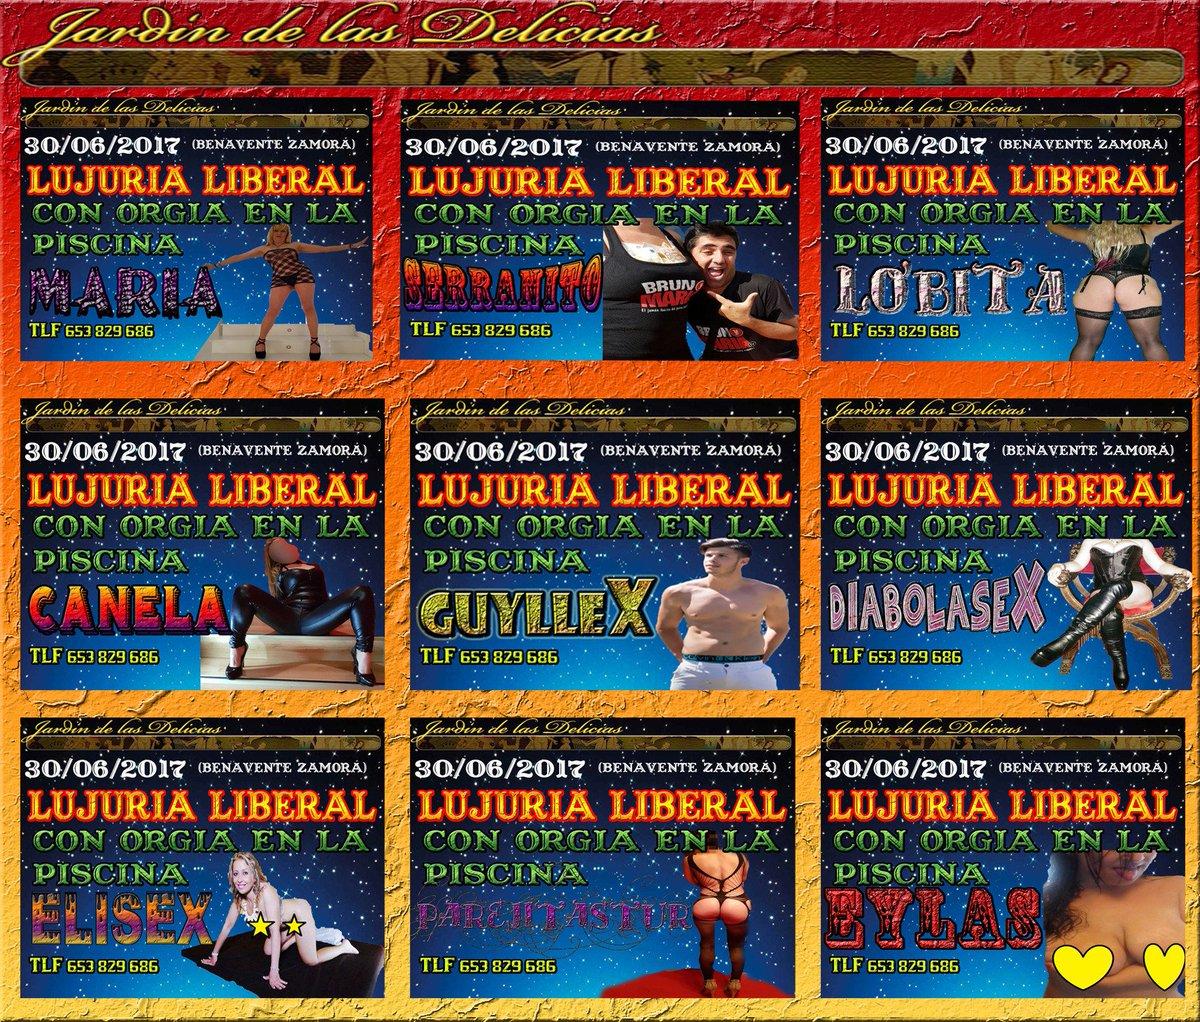 Delicias liberal on twitter la fiesta lujuria liberal for Orgia en la piscina